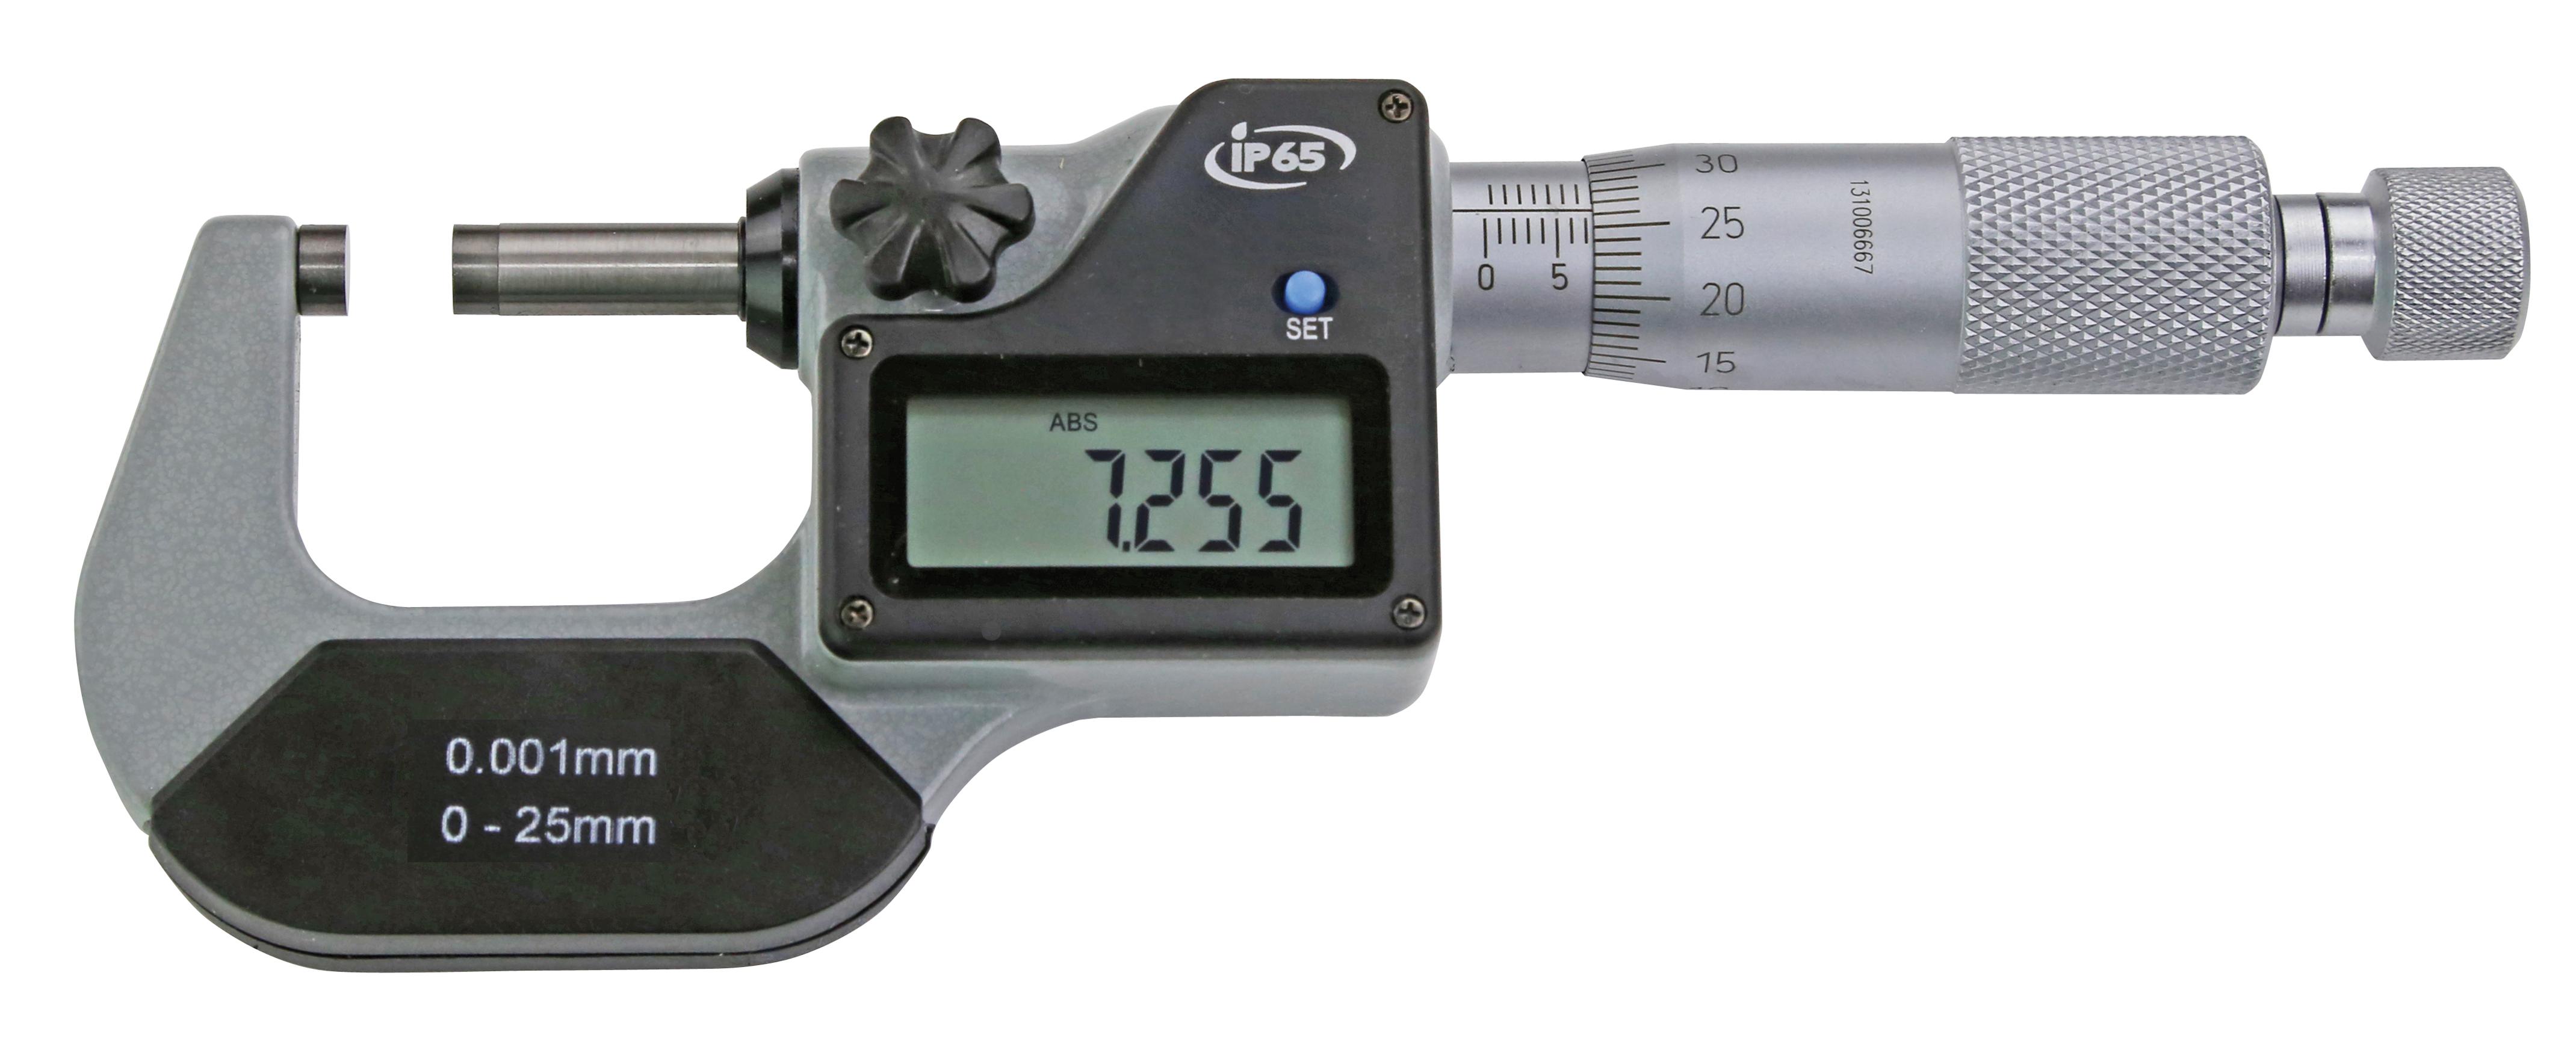 Digital-Bügelmessschrauben DIN 863 - IP 65 - nur mm-Anzeige